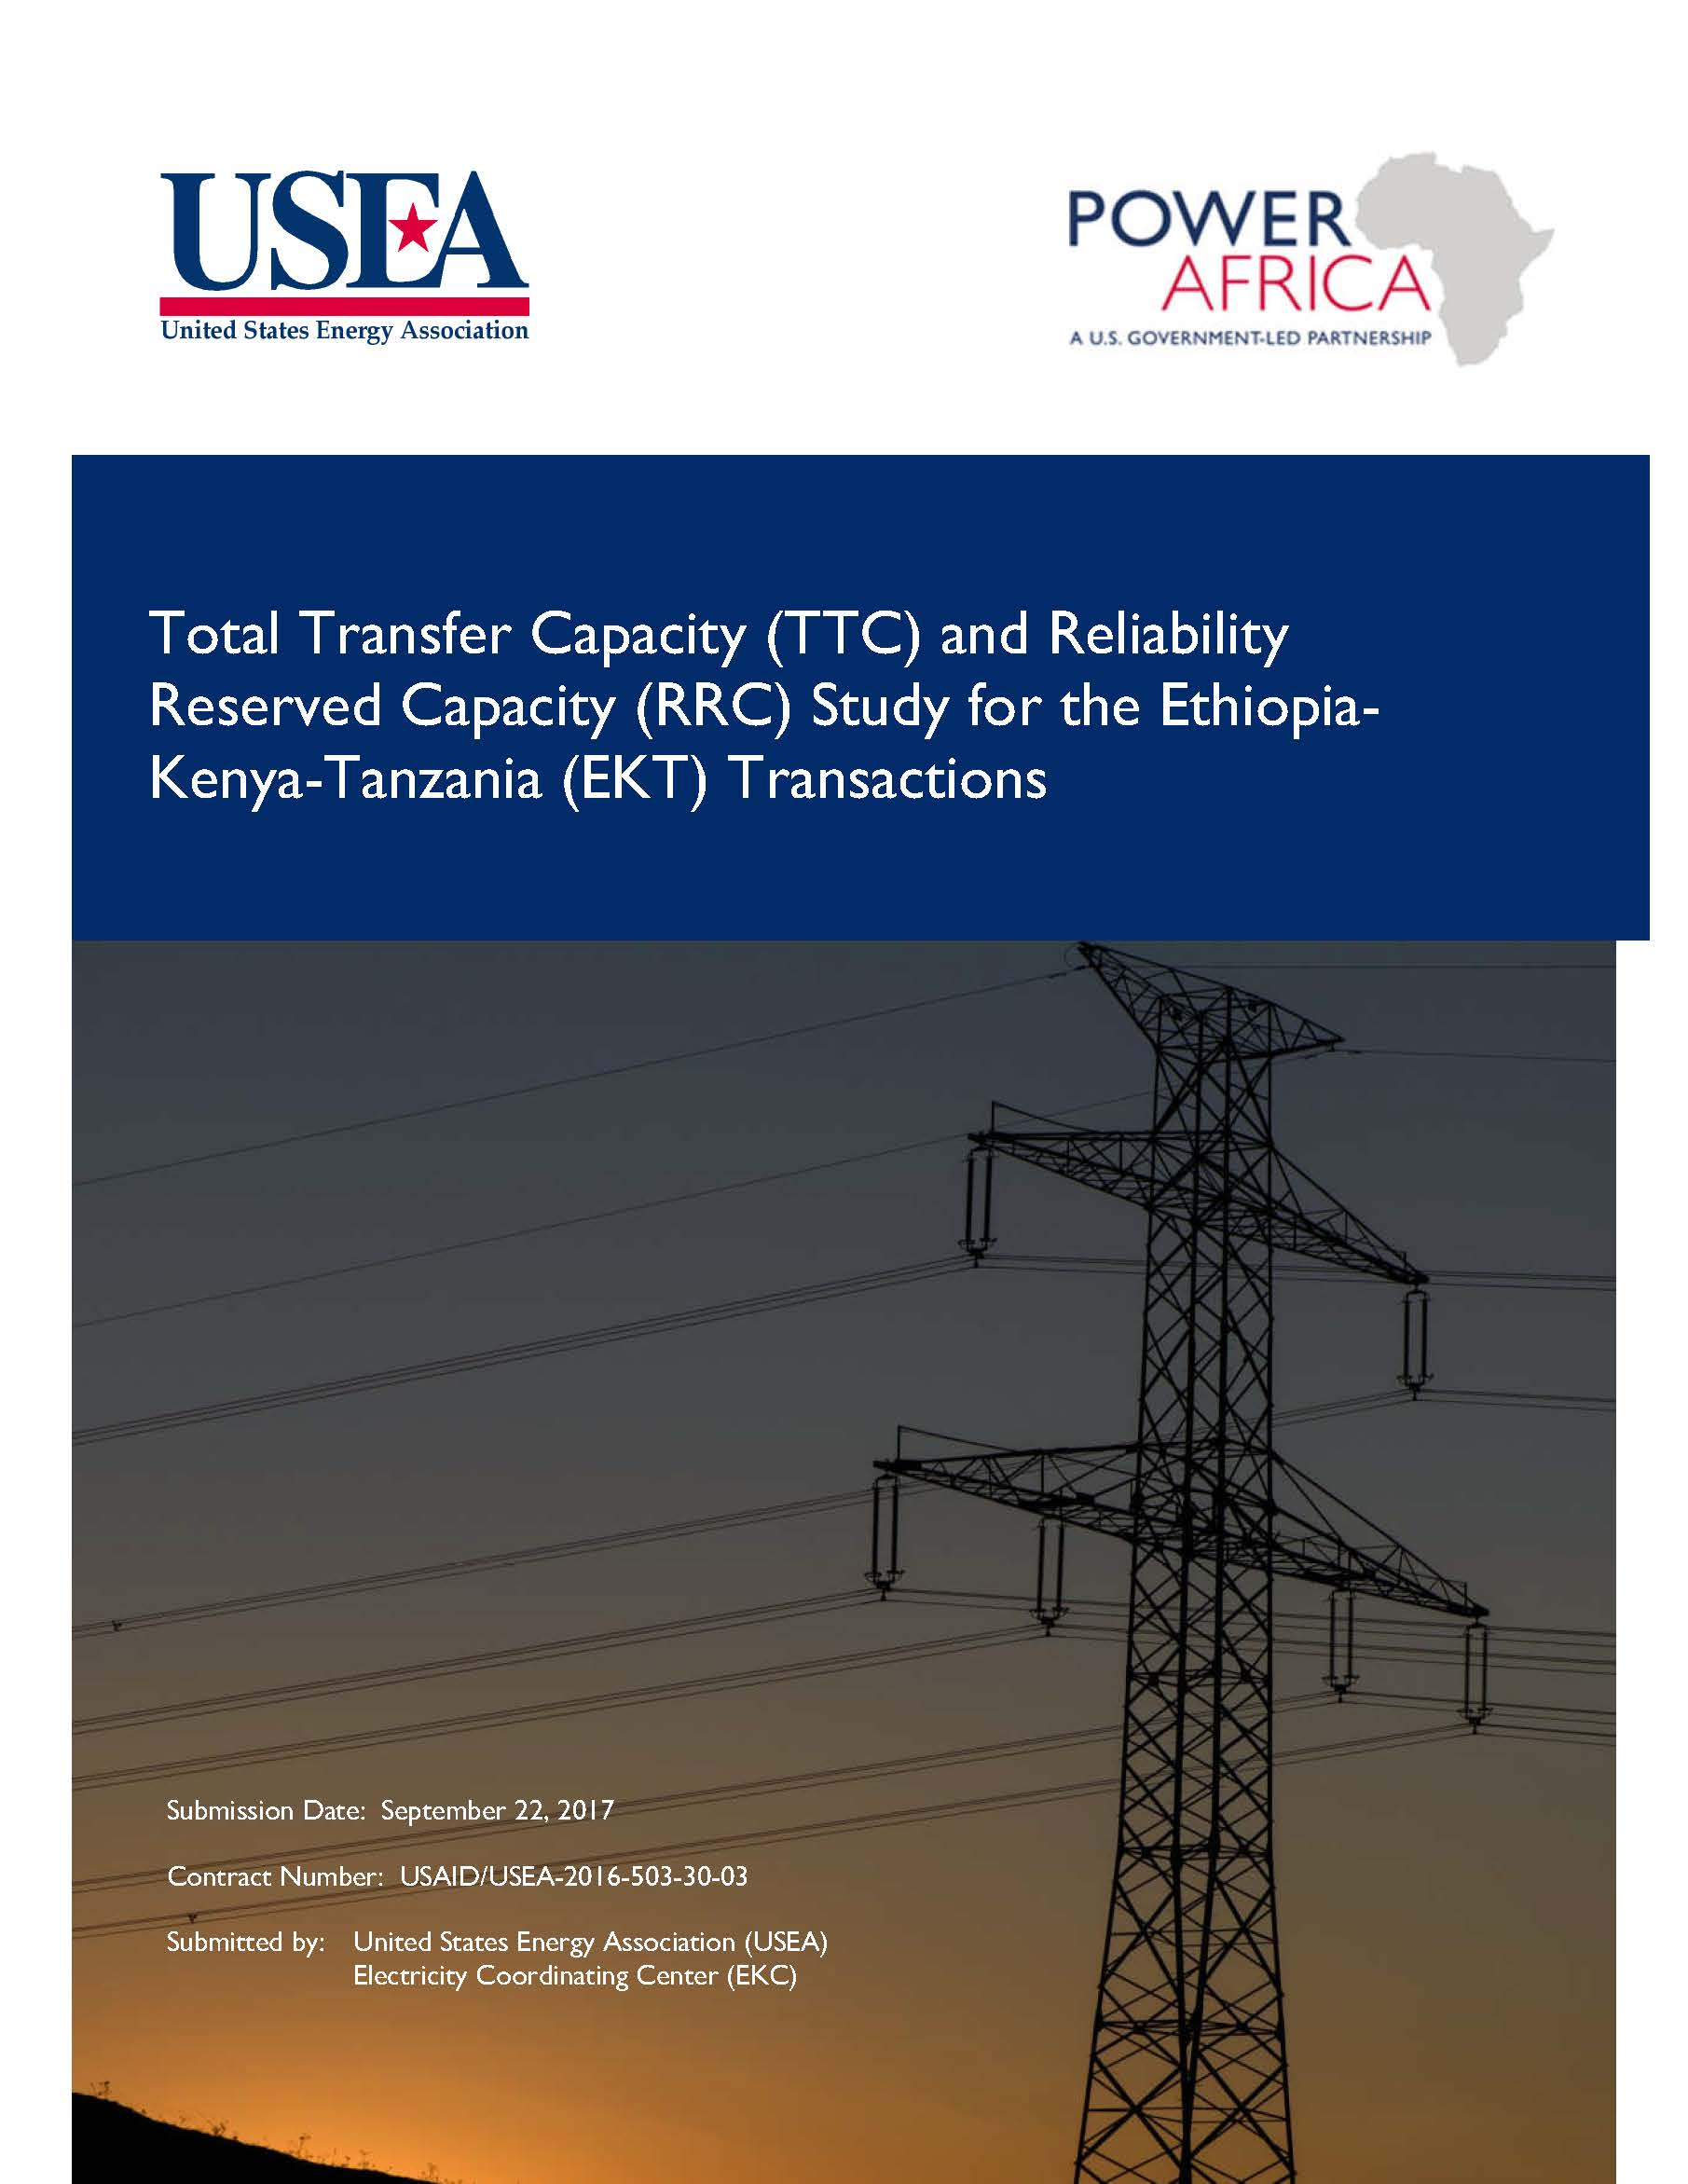 TTC and RRC Study for the Ethiopia-Kenya-Tanzania (EKT